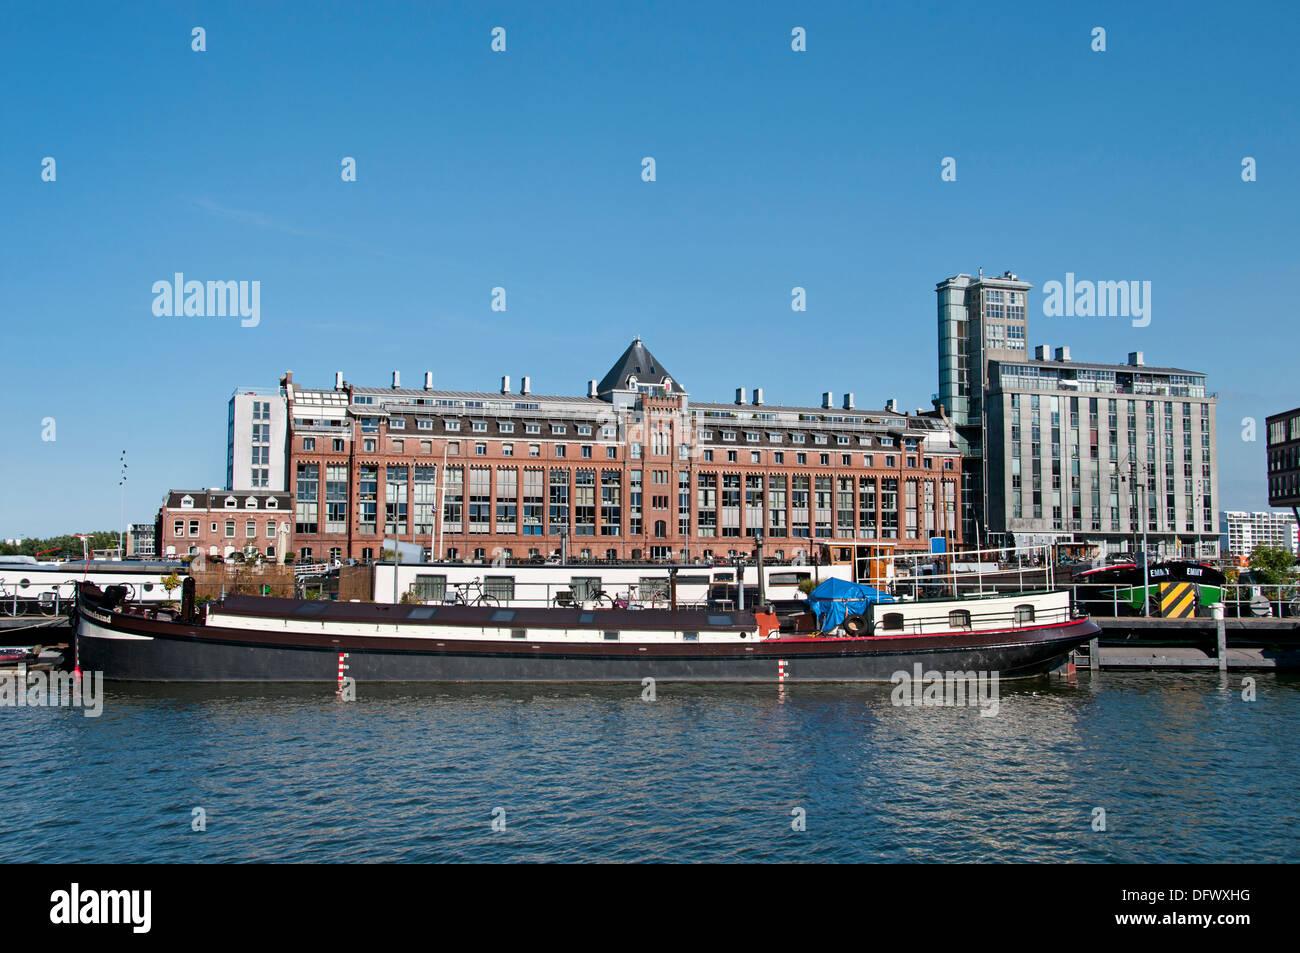 Apartments in Amsterdam Niederlande moderne Architektur auf Westerdoksdijkand zwischen Oude Houthaven und IJ port Hafen Kanal Stockbild